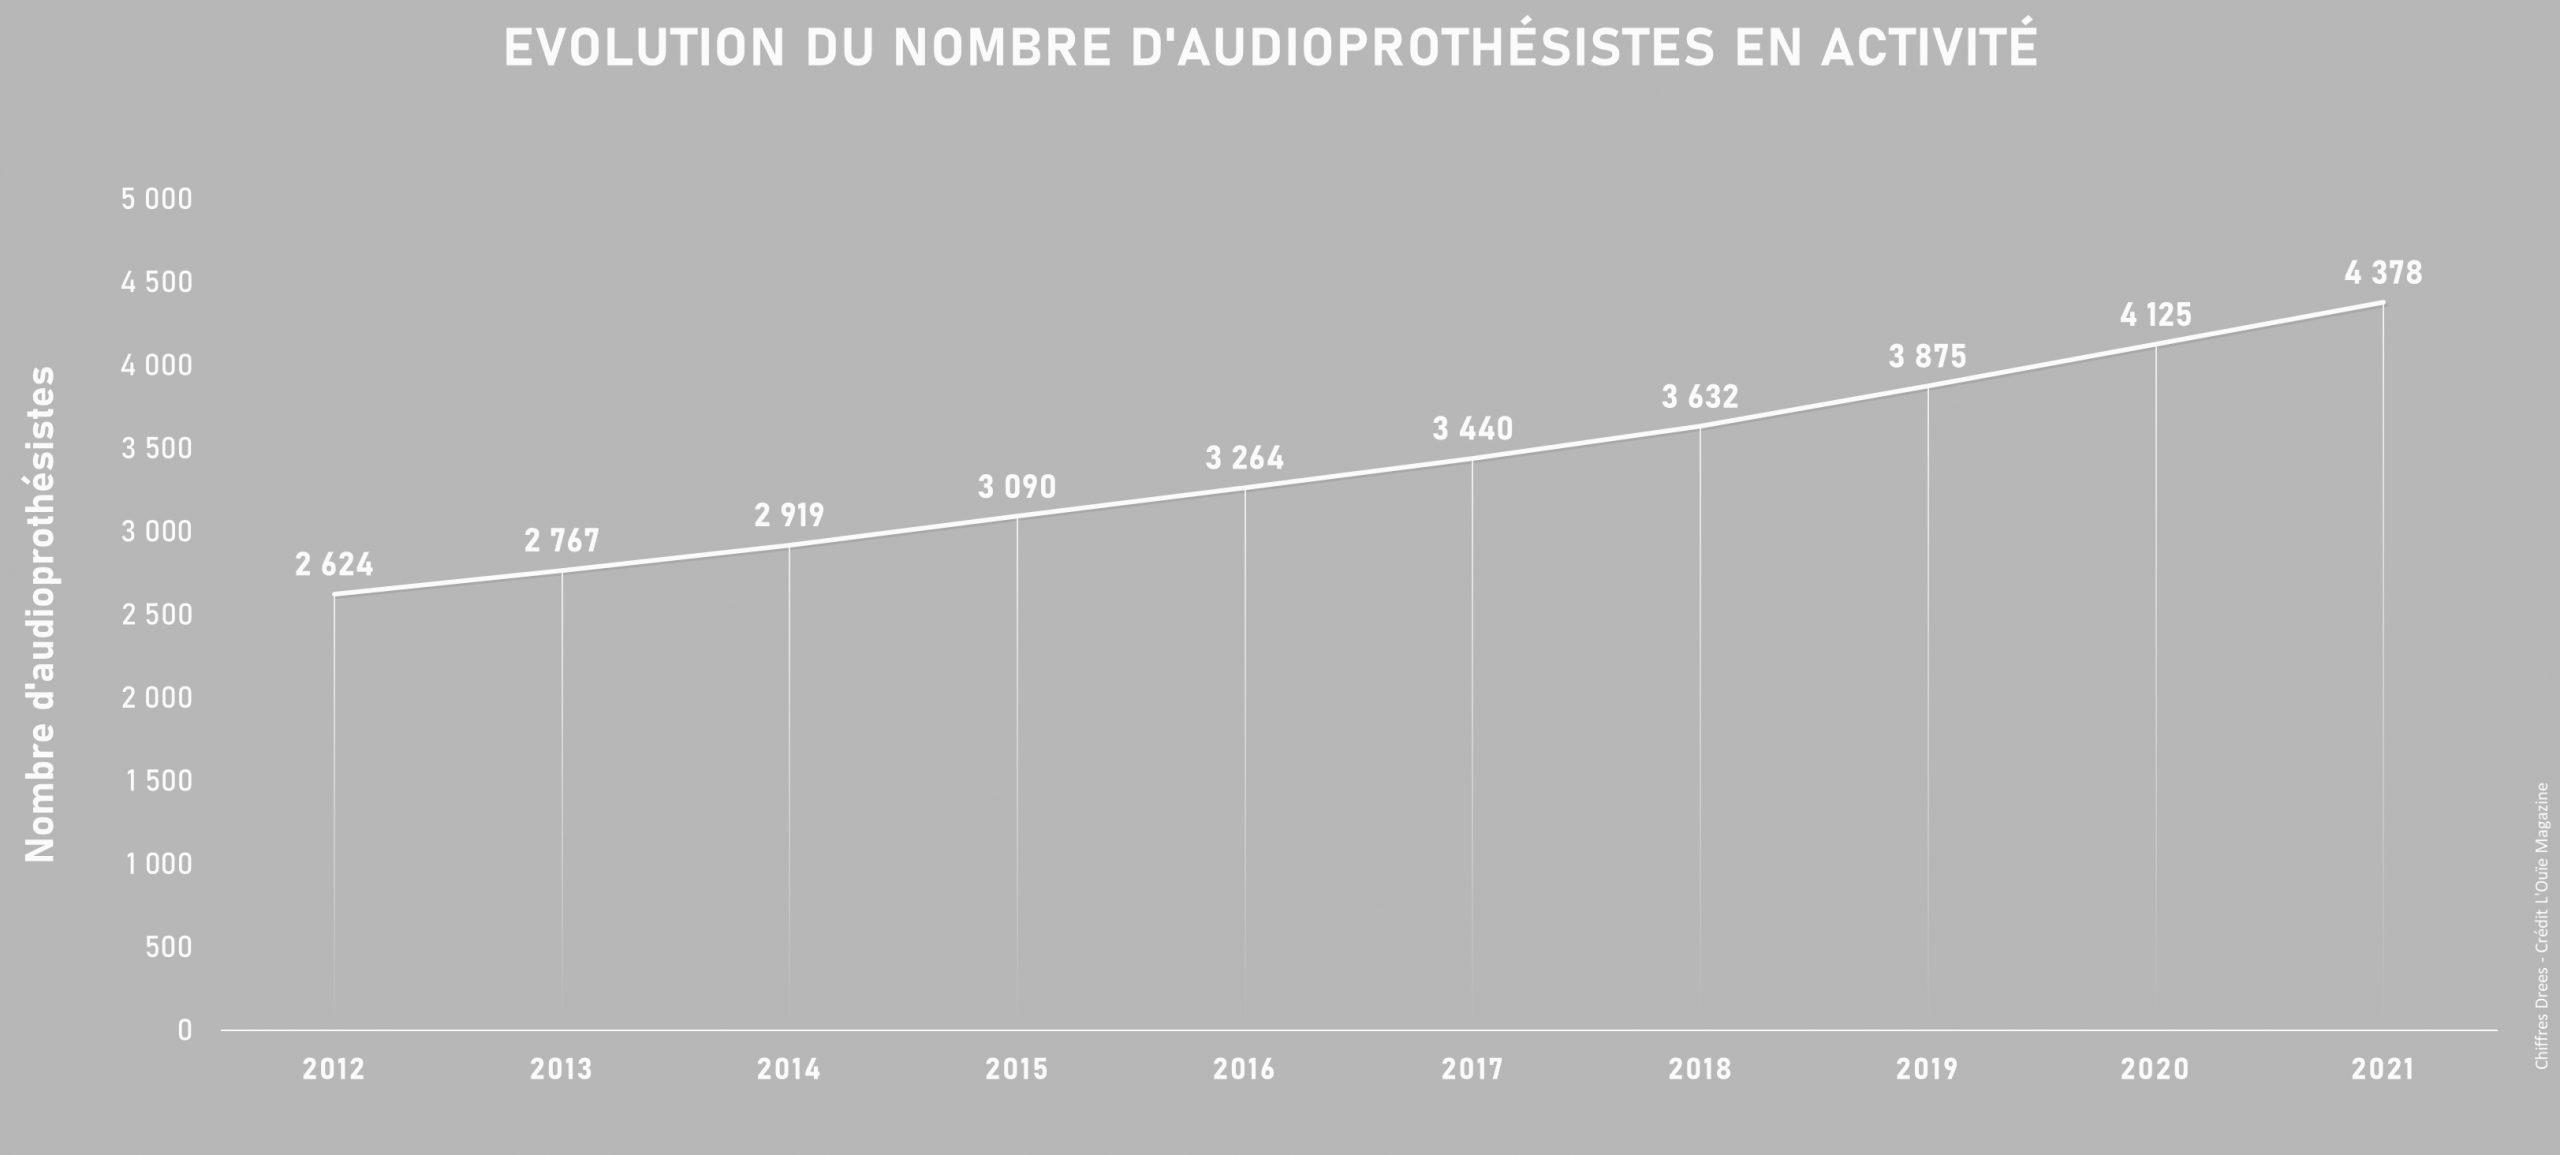 Démographie des audioprothésistes : combien êtes-vous en 2021 ?